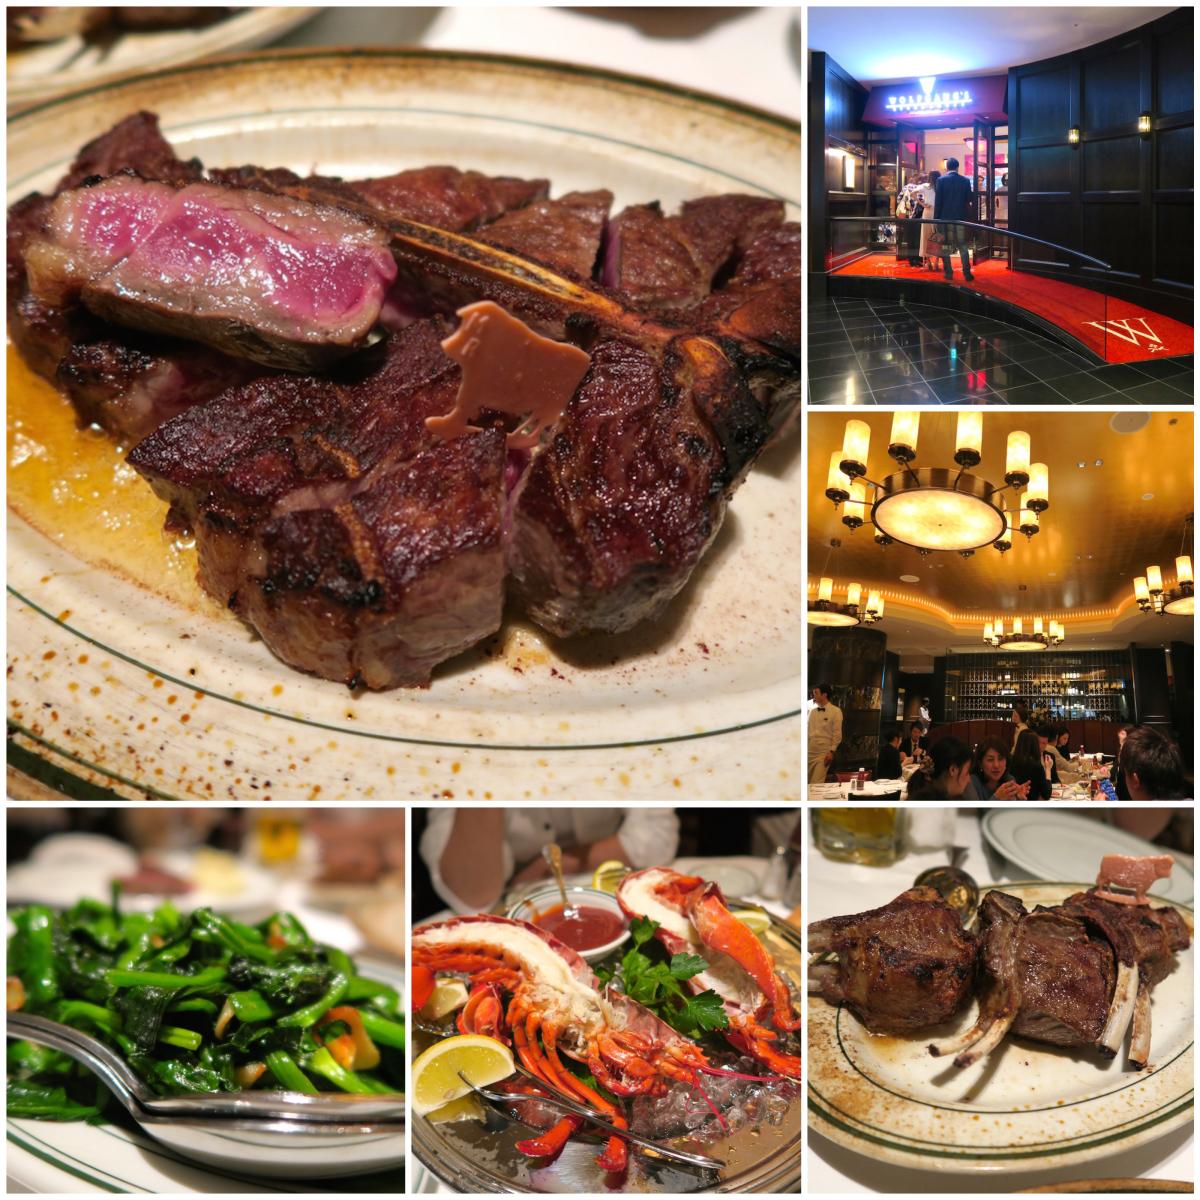 福岡で熟成肉食べるならウルフギャング・ステーキハウス by ウルフギャング・ズウィナー 福岡店